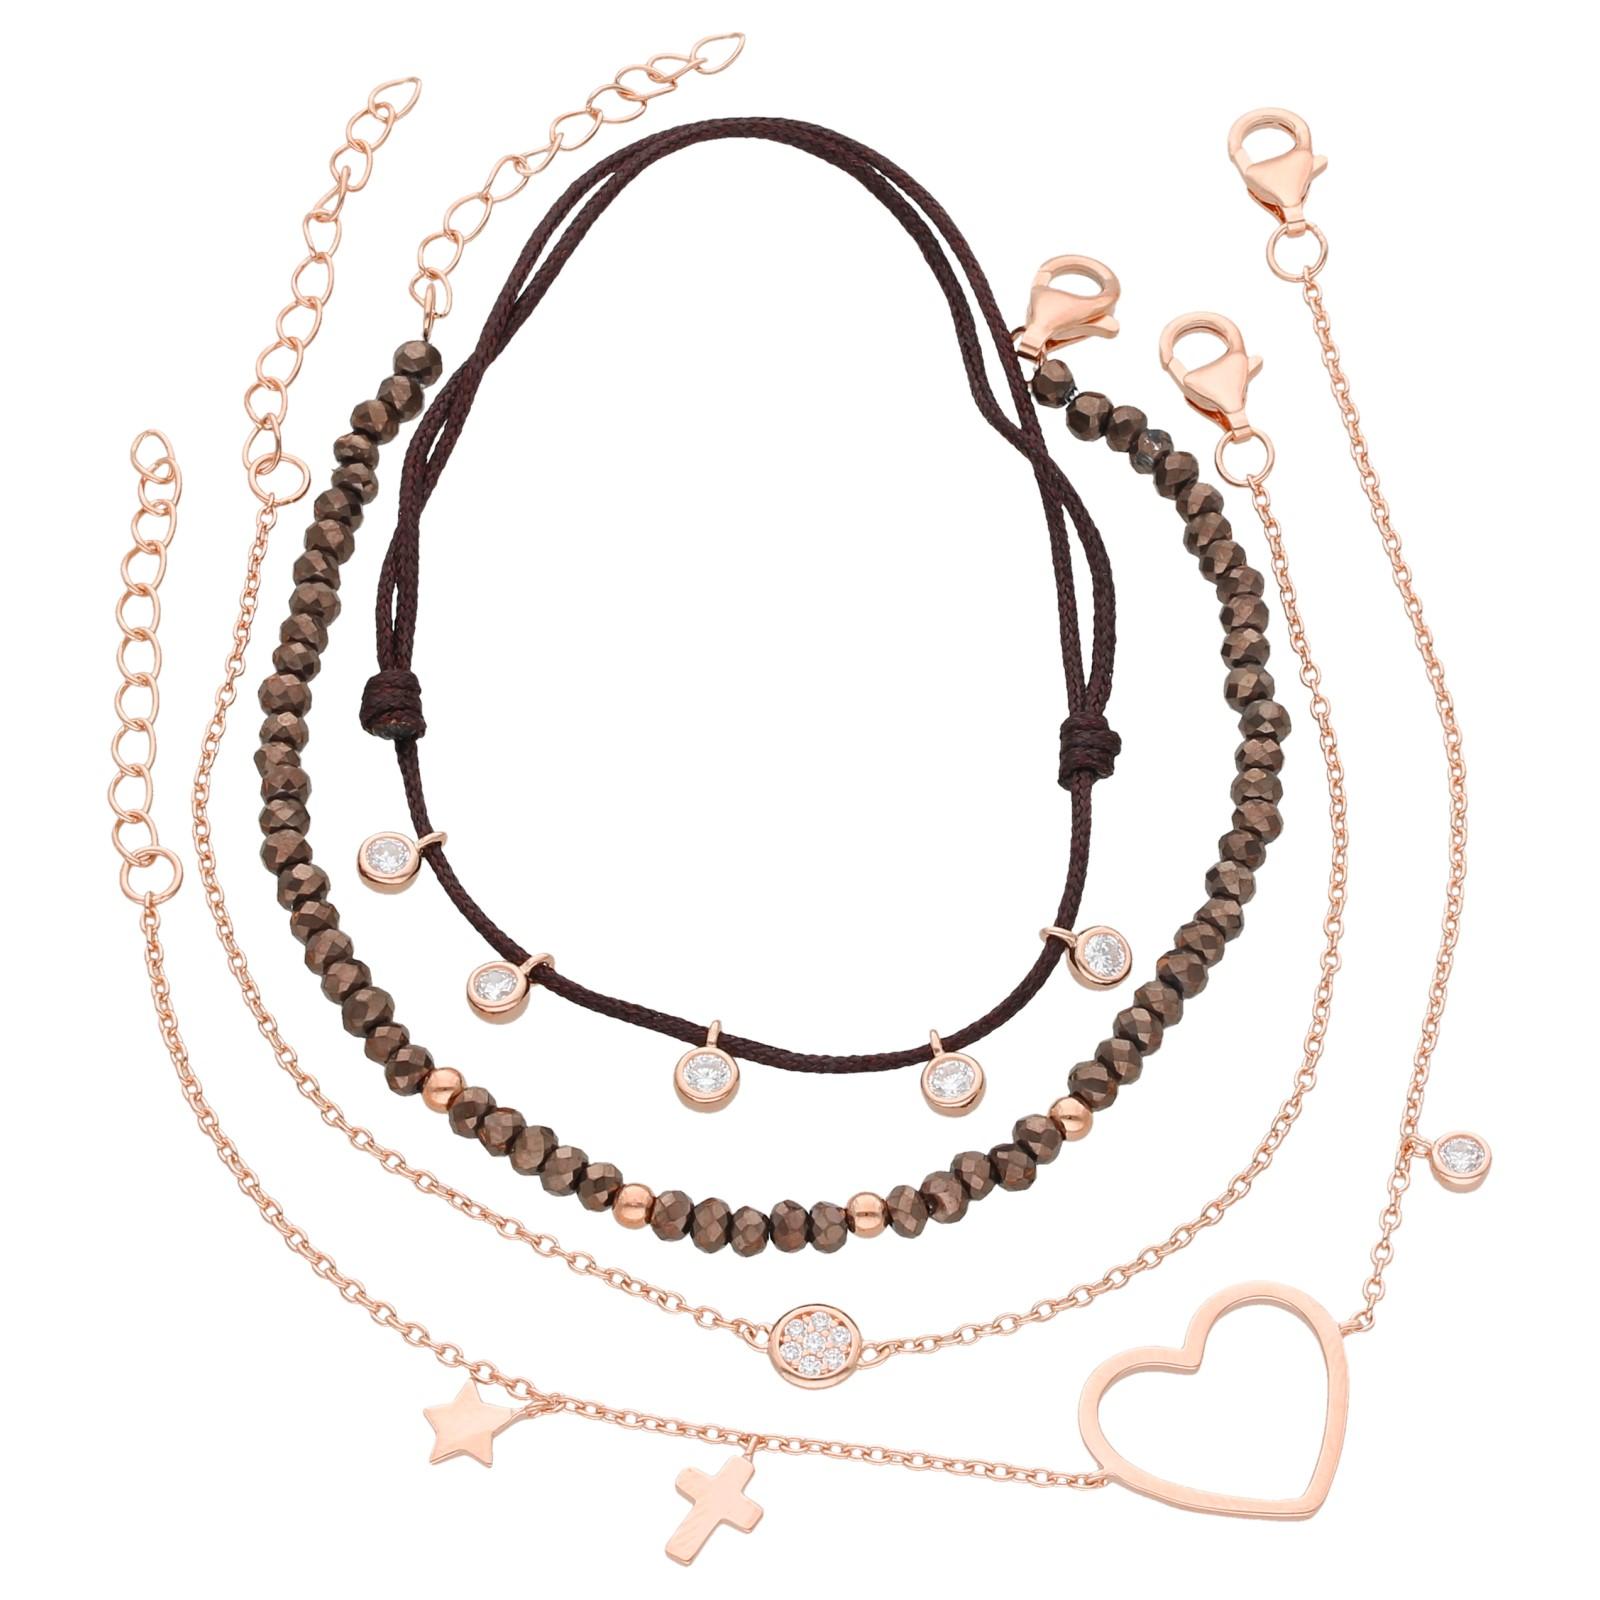 Armbänder 4-teilig, Kristallsteine und Zirkonia, Silber 925